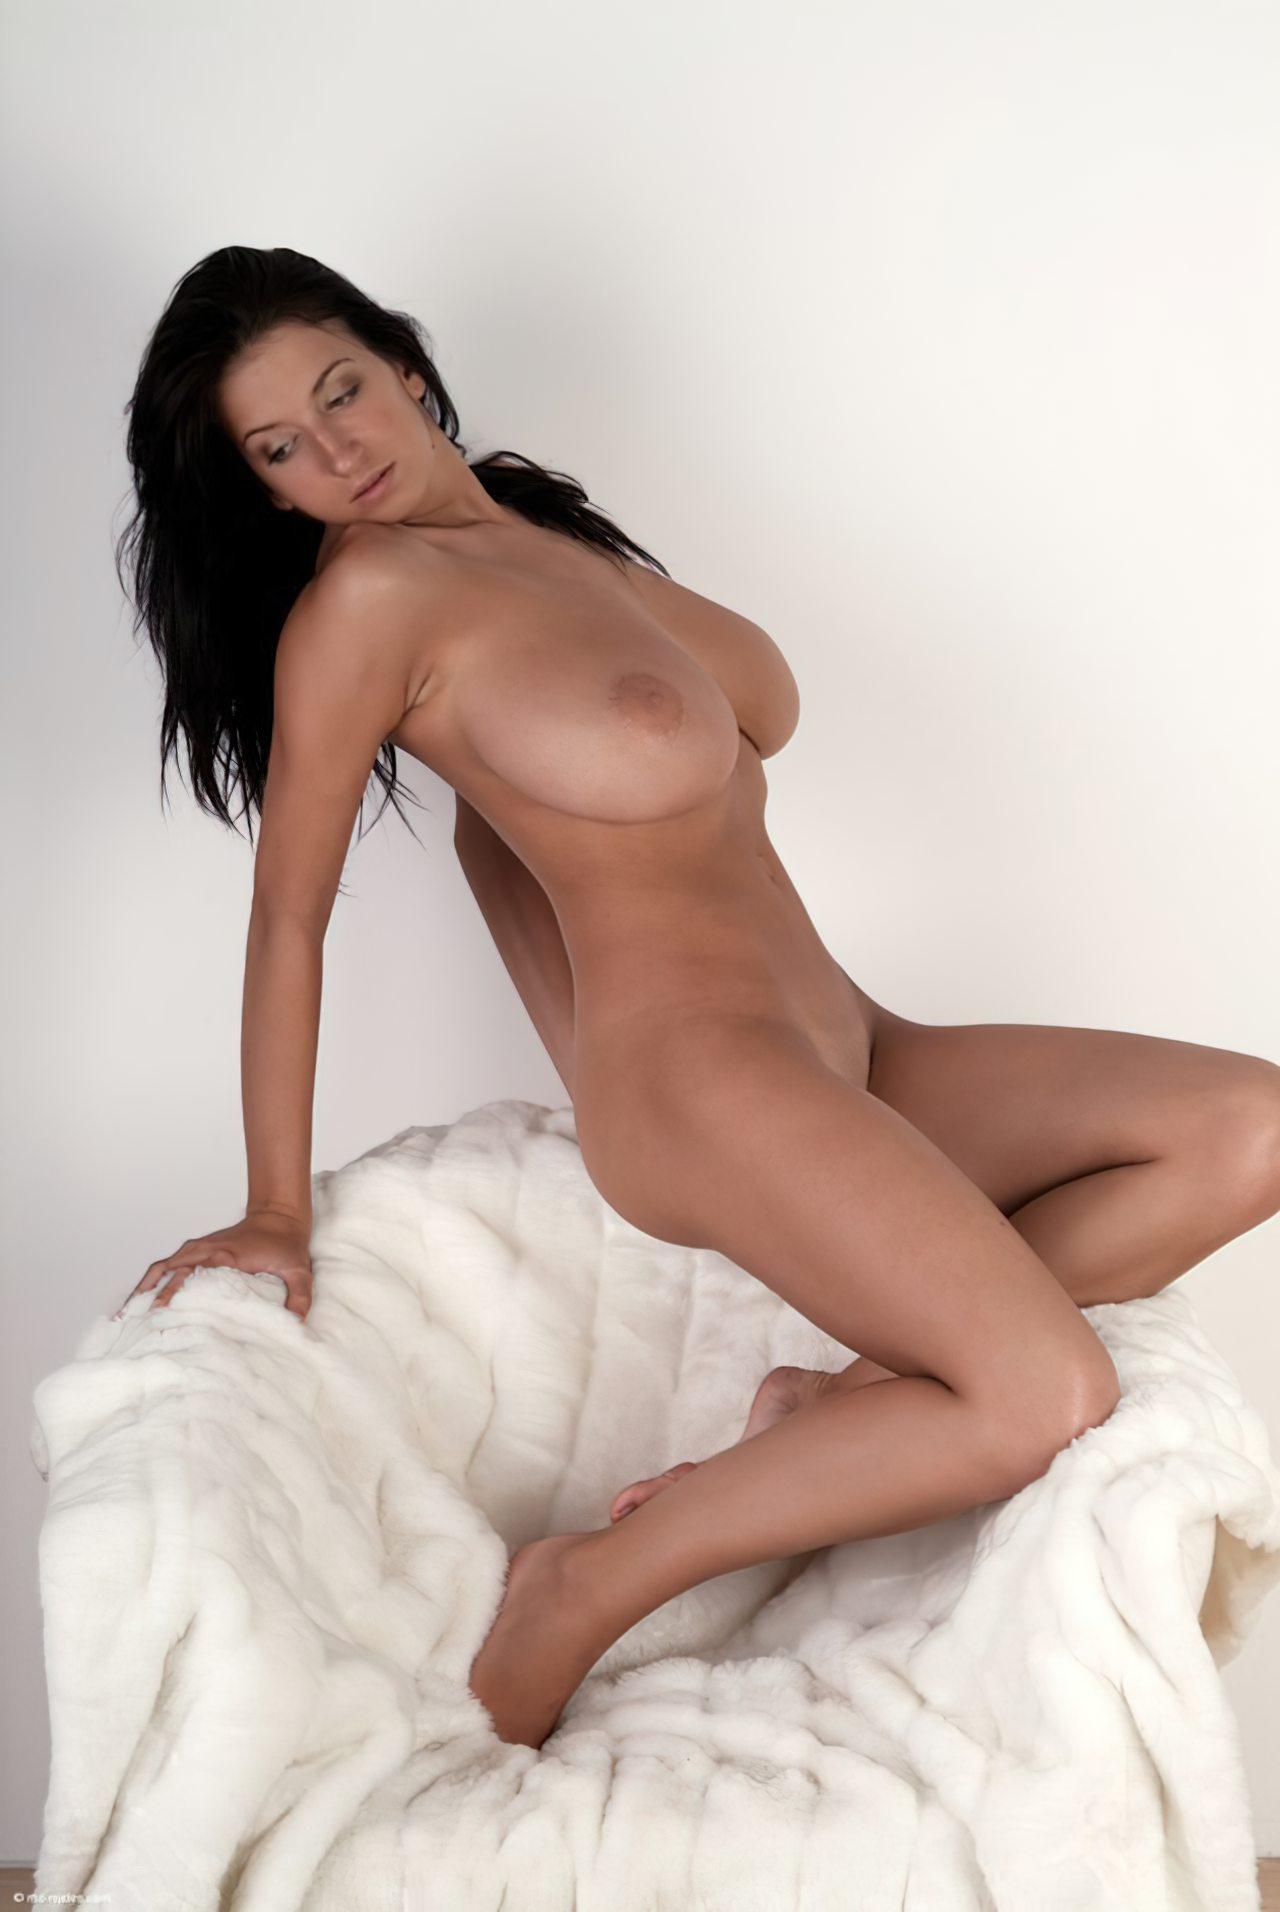 Morena com Peitos Grandes (36)